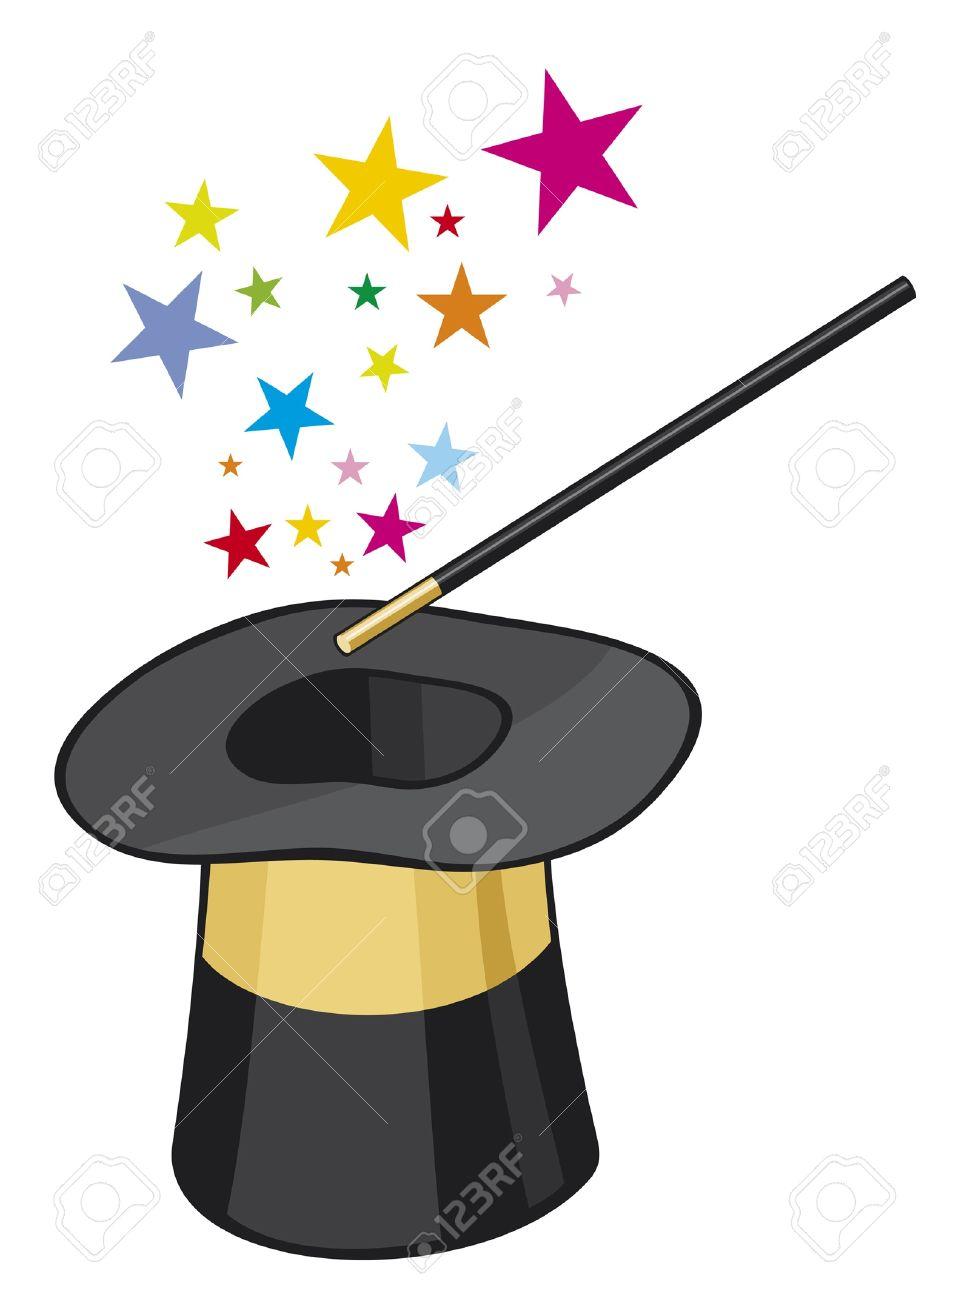 45e9fcbcec3 Sombrero mágico